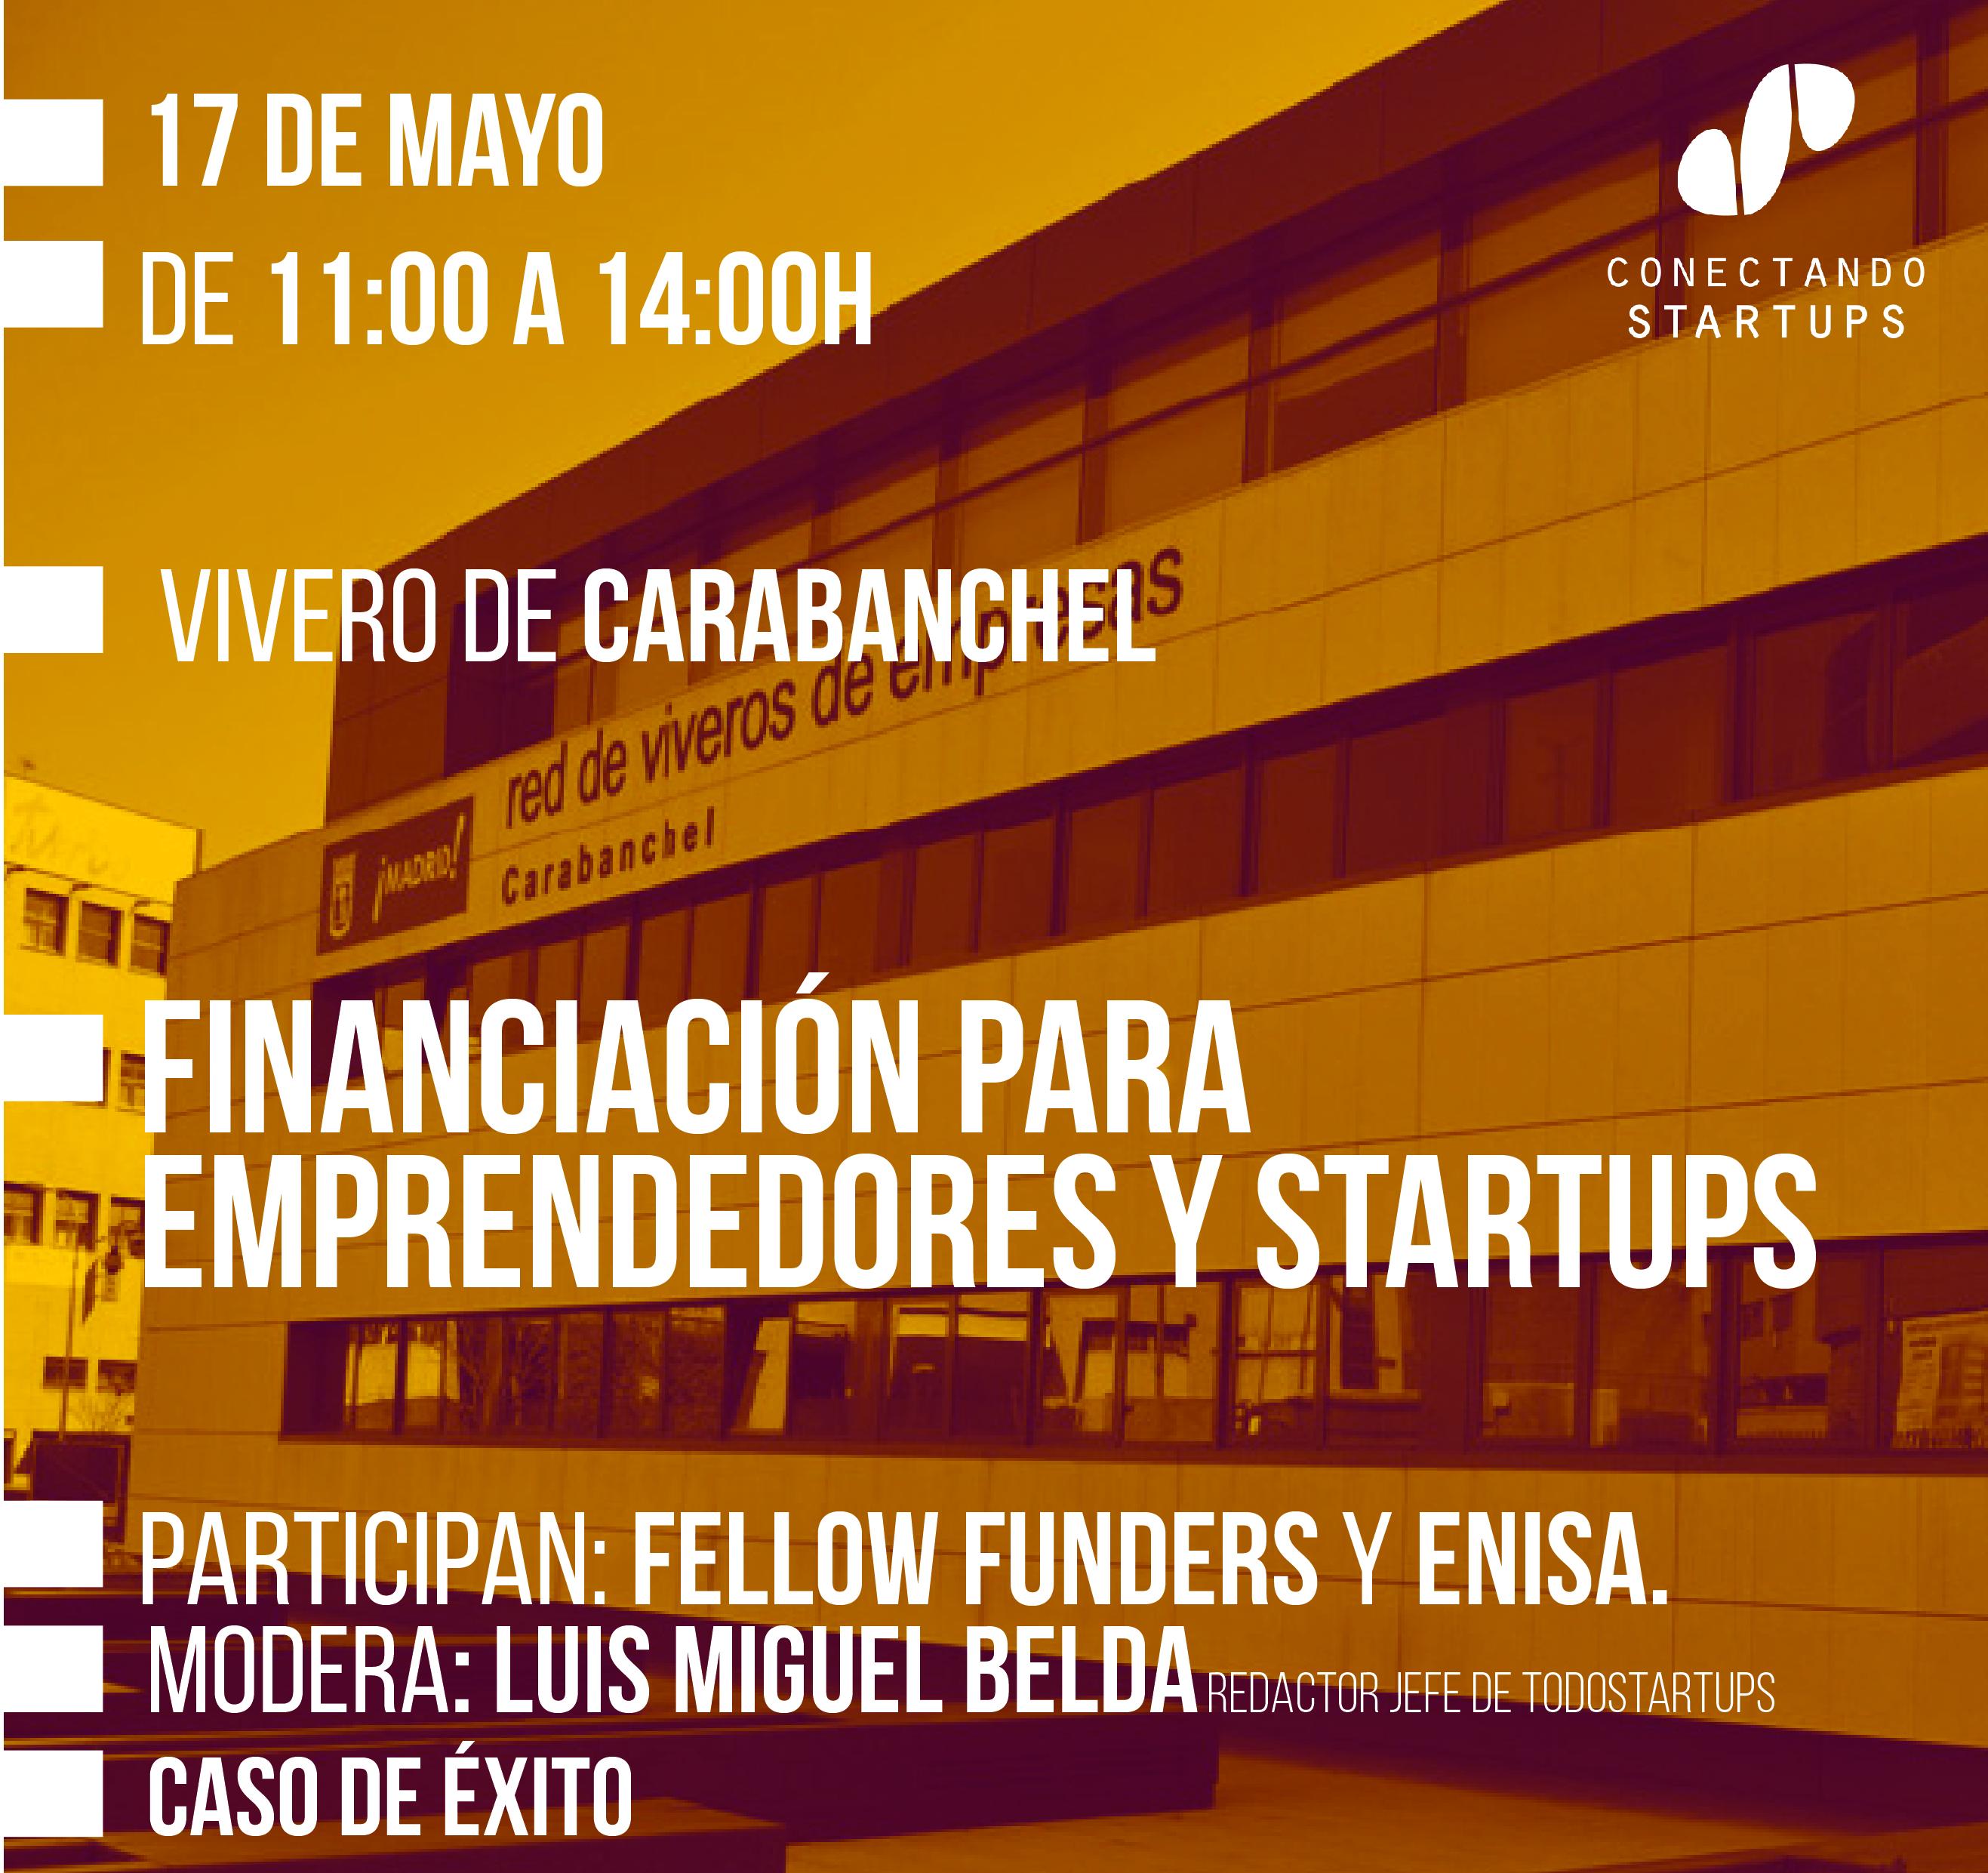 Financiación para startups y emprendedores, el 17 de mayo en el Vivero de Empresas de Carabanchel